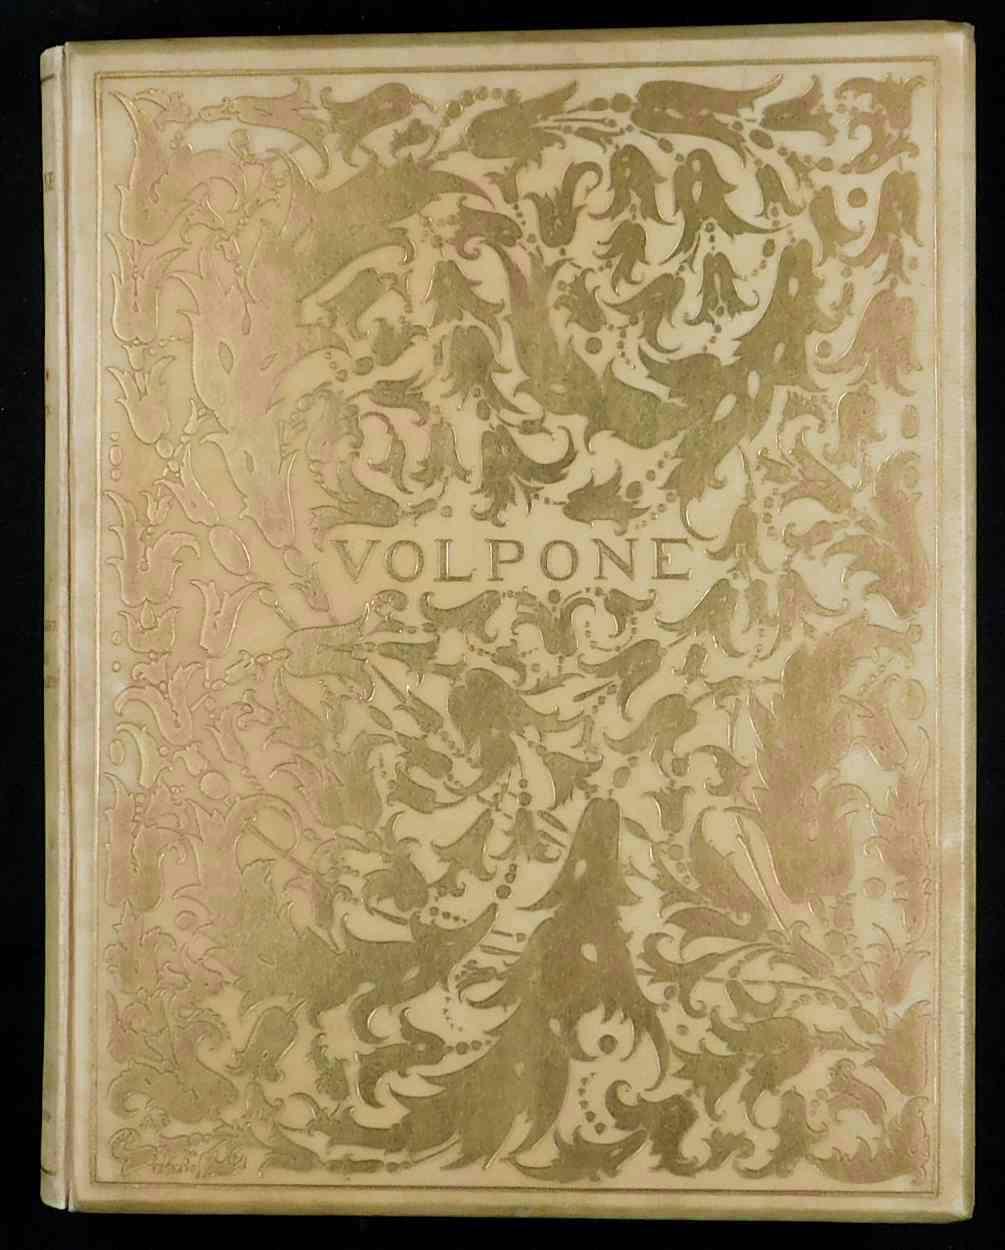 Volpone. Mit Initialen, einem Titelblatt und Deckel: Beardsley, Aubrey und